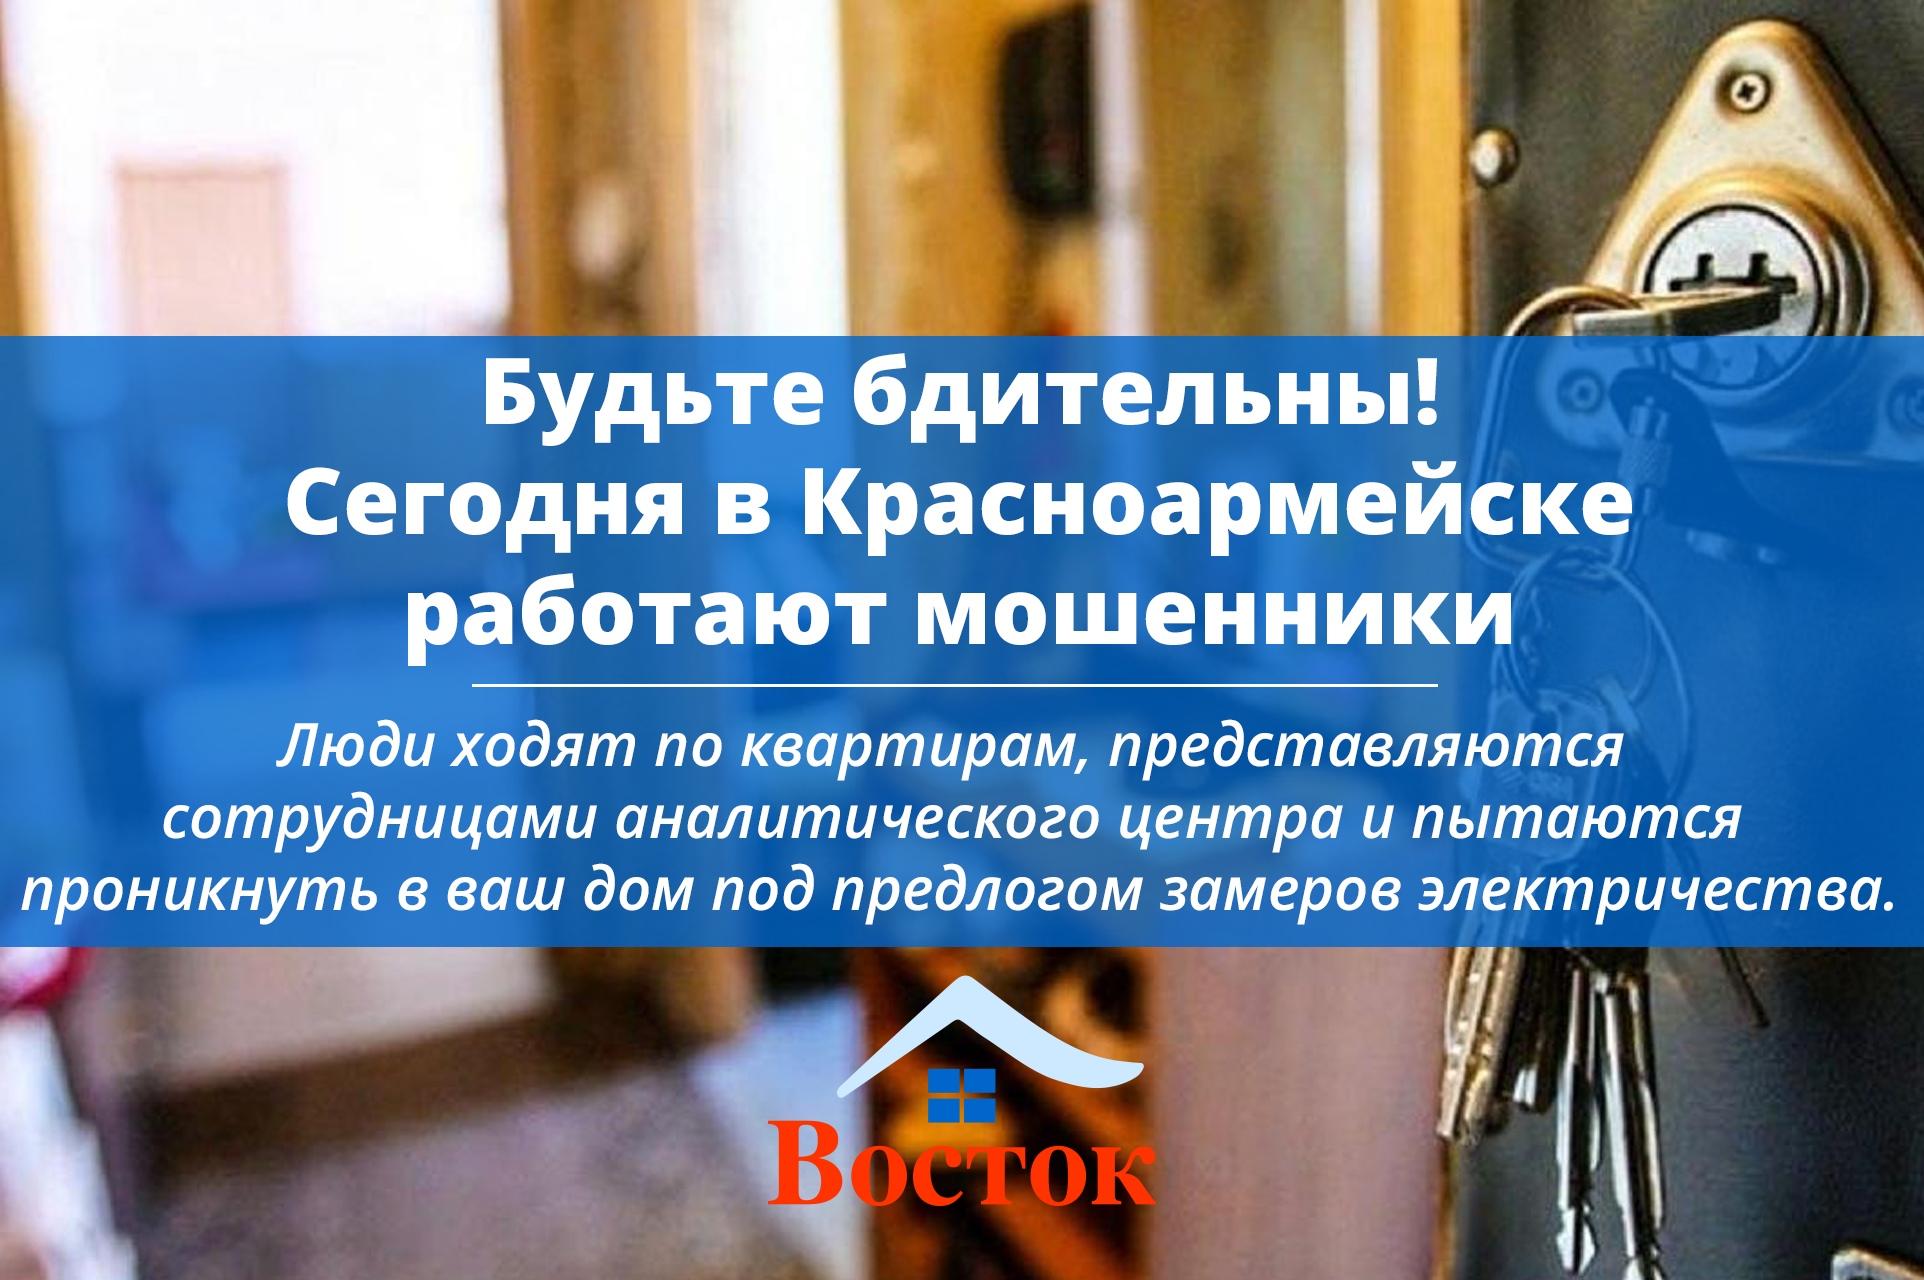 Опасайтесь мошенников! Пытаются попасть в квартиры под видом электриков.